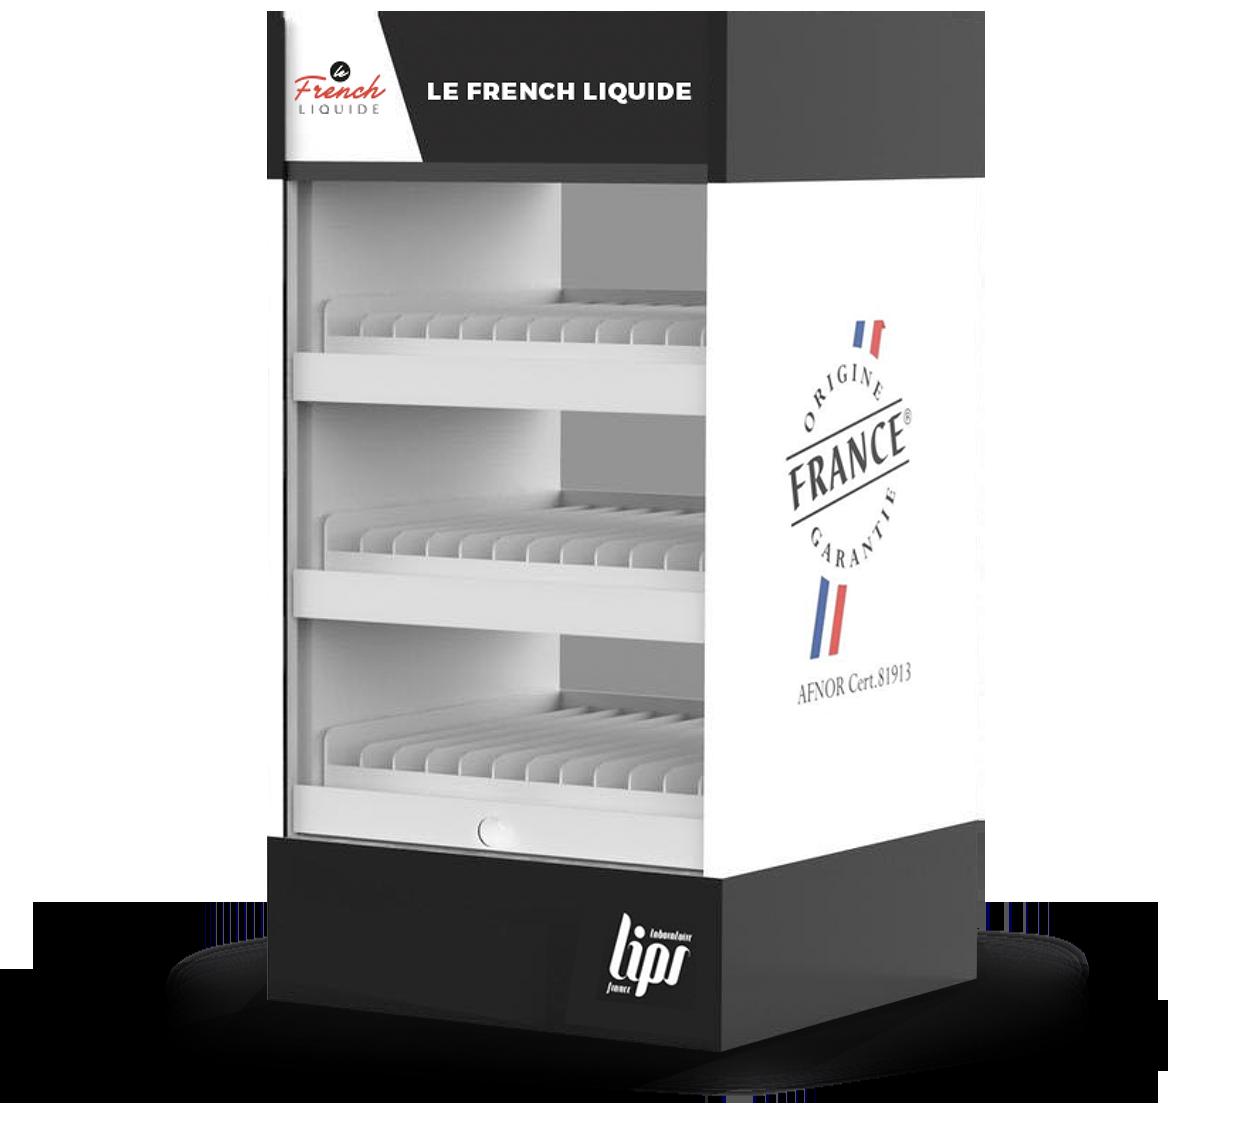 Vous souhaitez ouvrir une boutique e-liquide ? On vous accompagne dans la création de votre magasin et catalogue e-liquide.